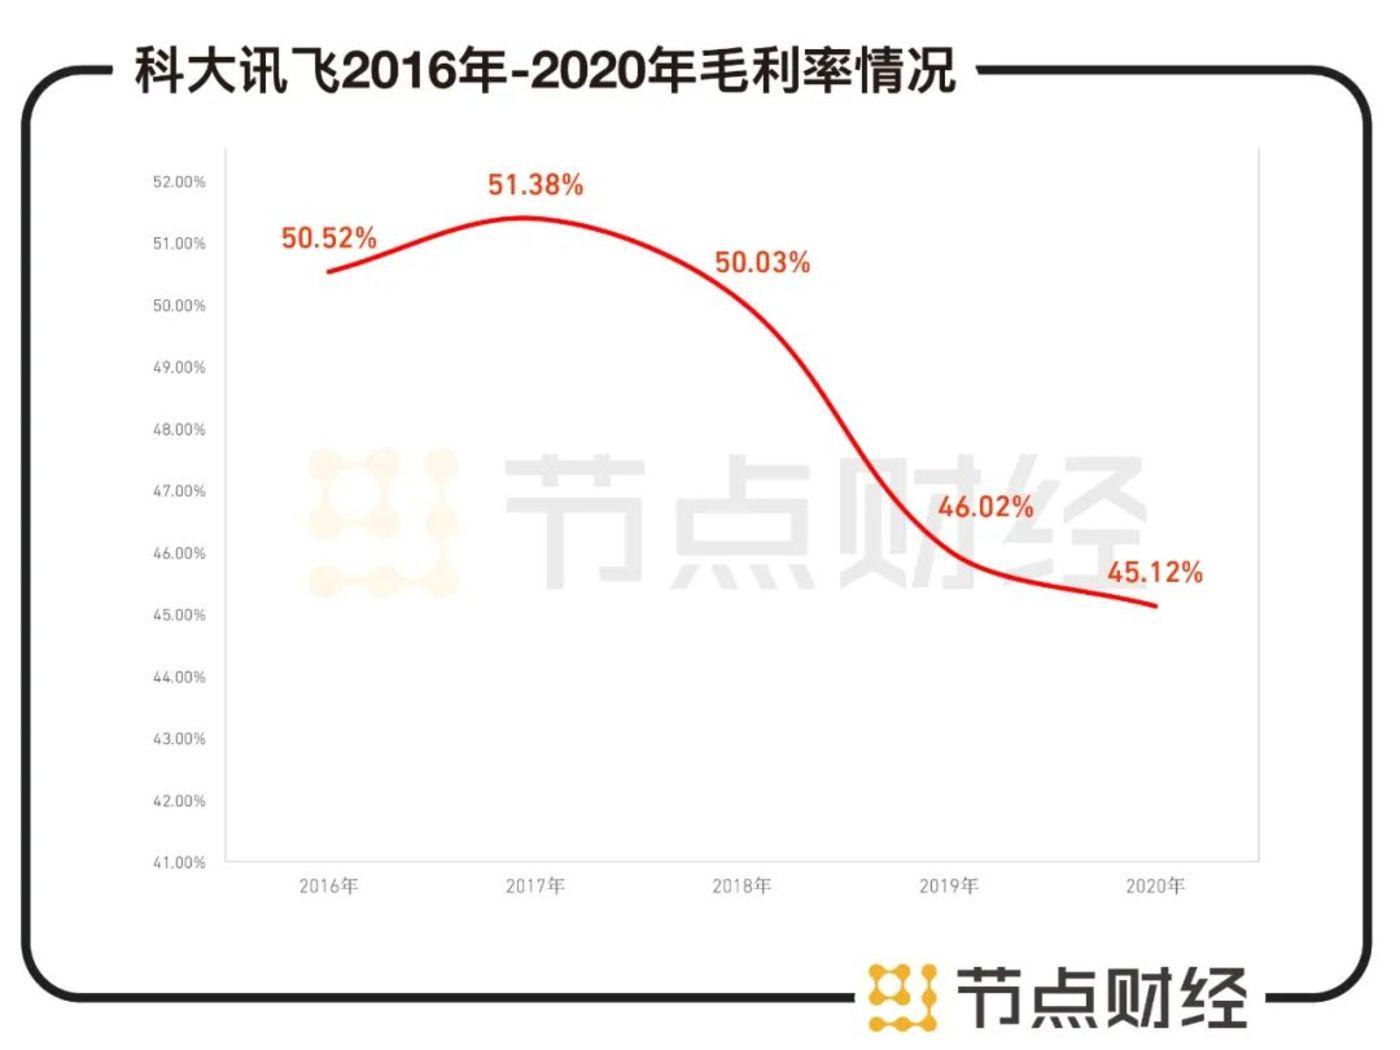 数据来源:科大讯飞财报